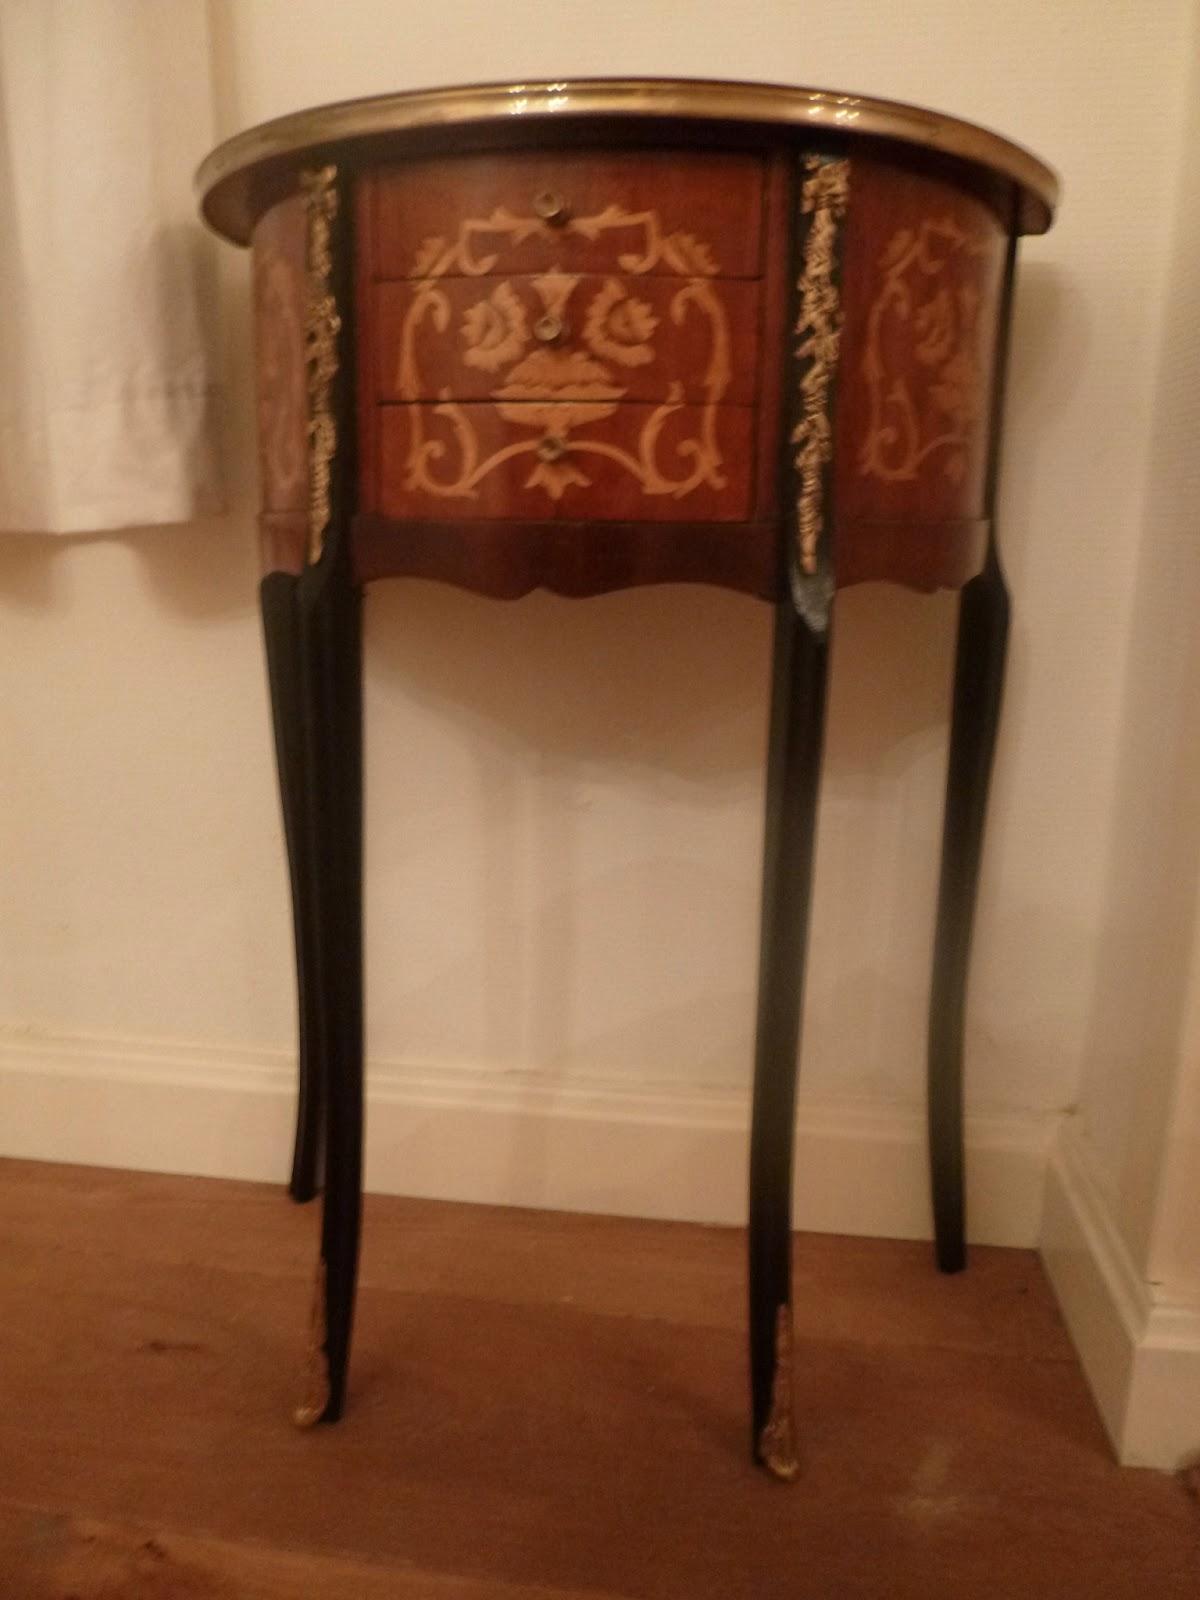 RIANT Antiek Brocante Curiosa: In stock: enkele voorbeelden